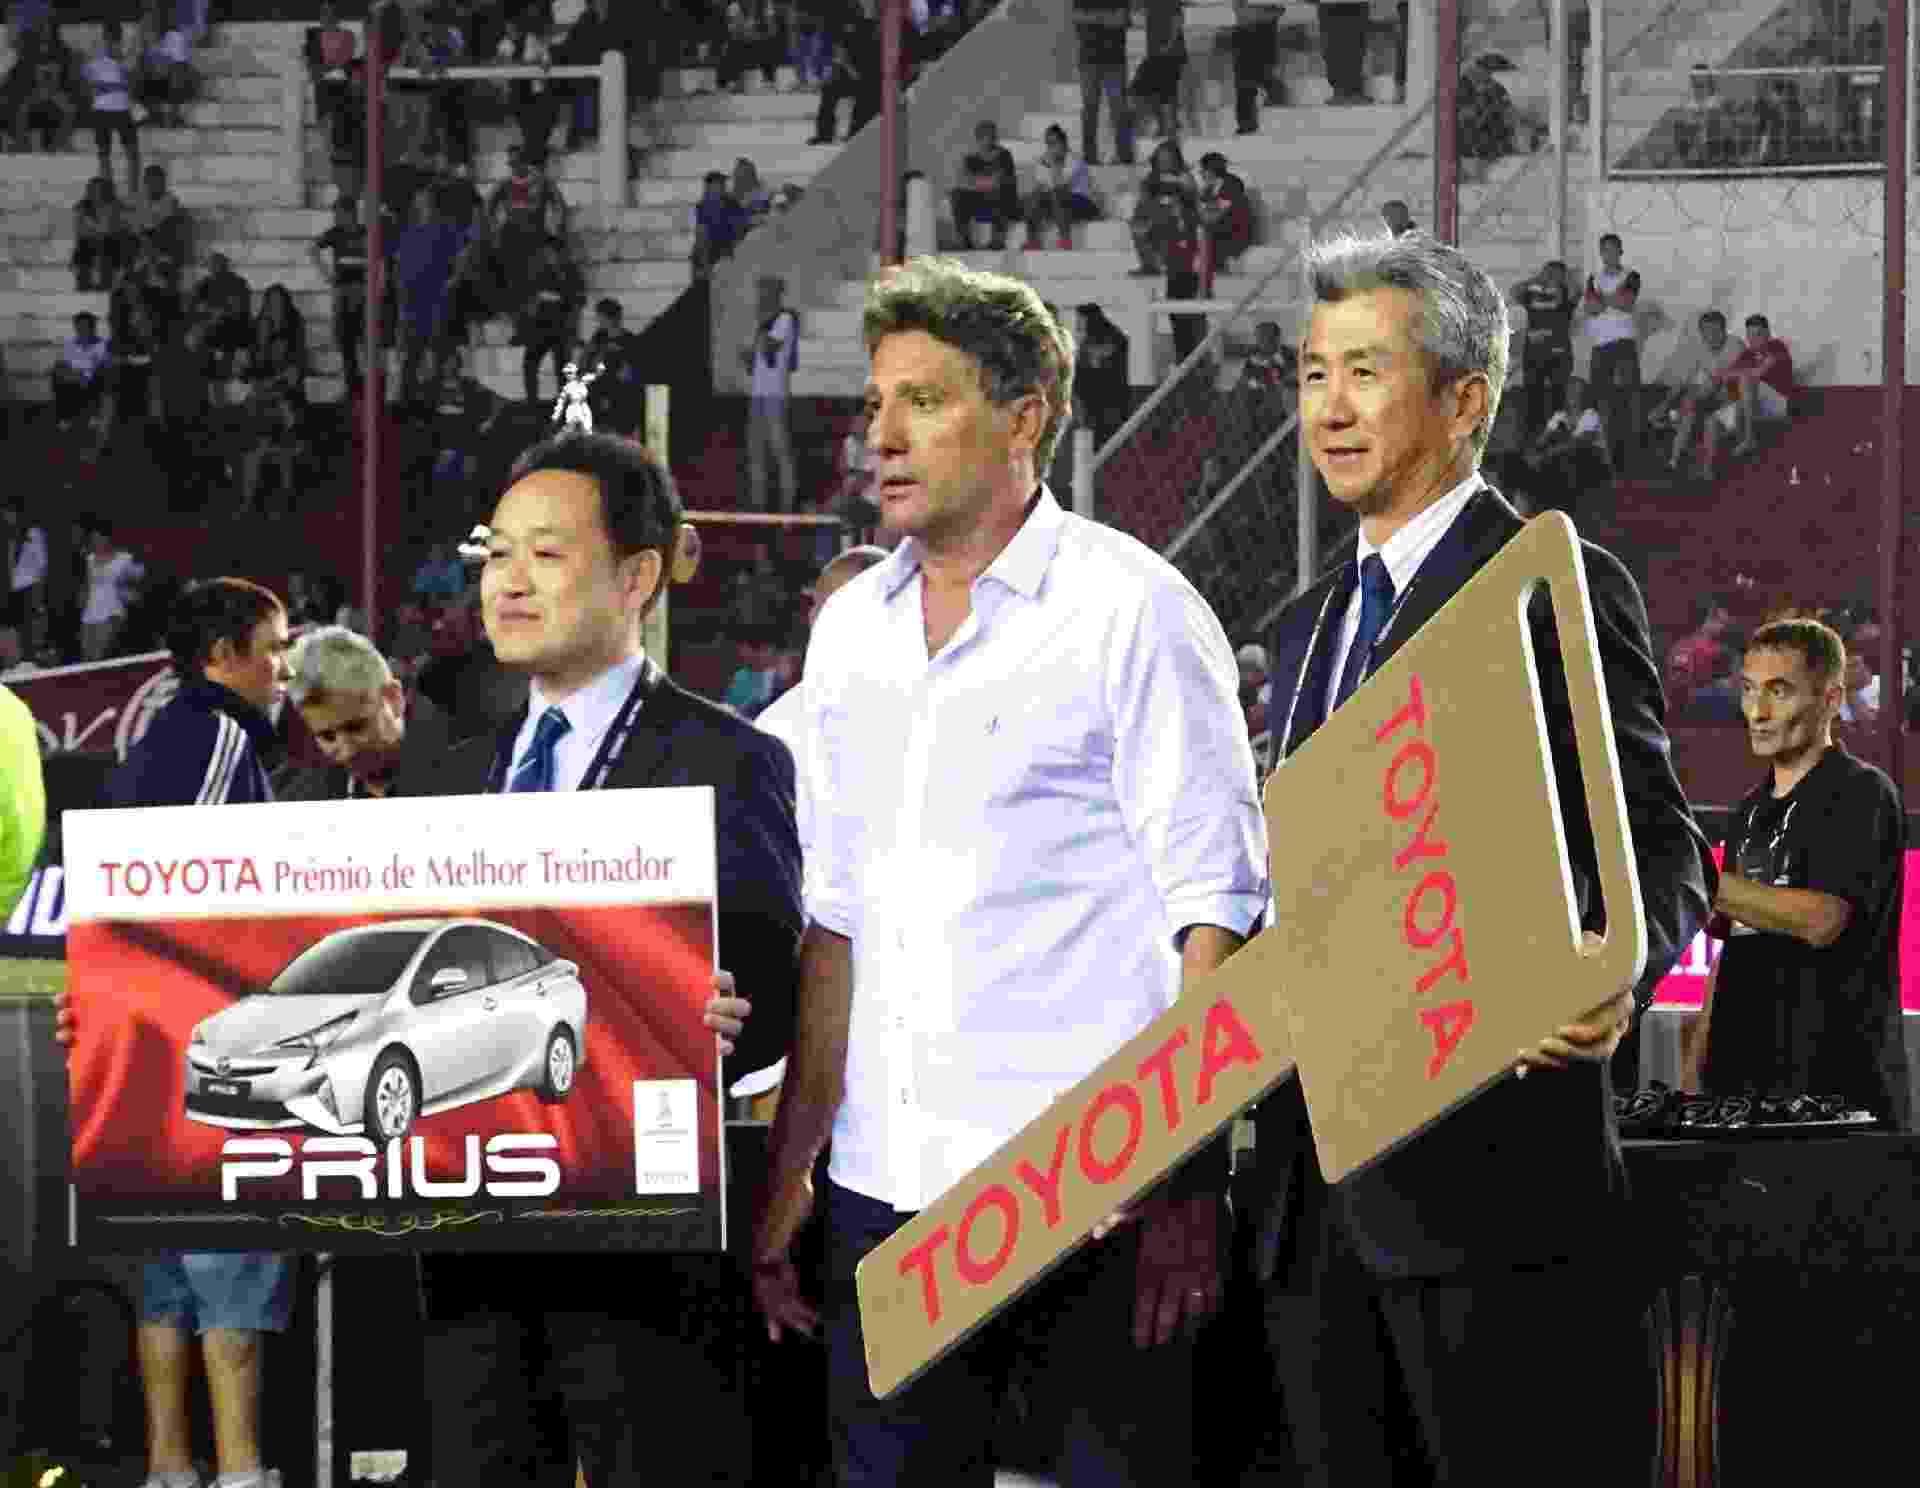 Renato Gaúcho ganha Toyota Prius - Divulgação